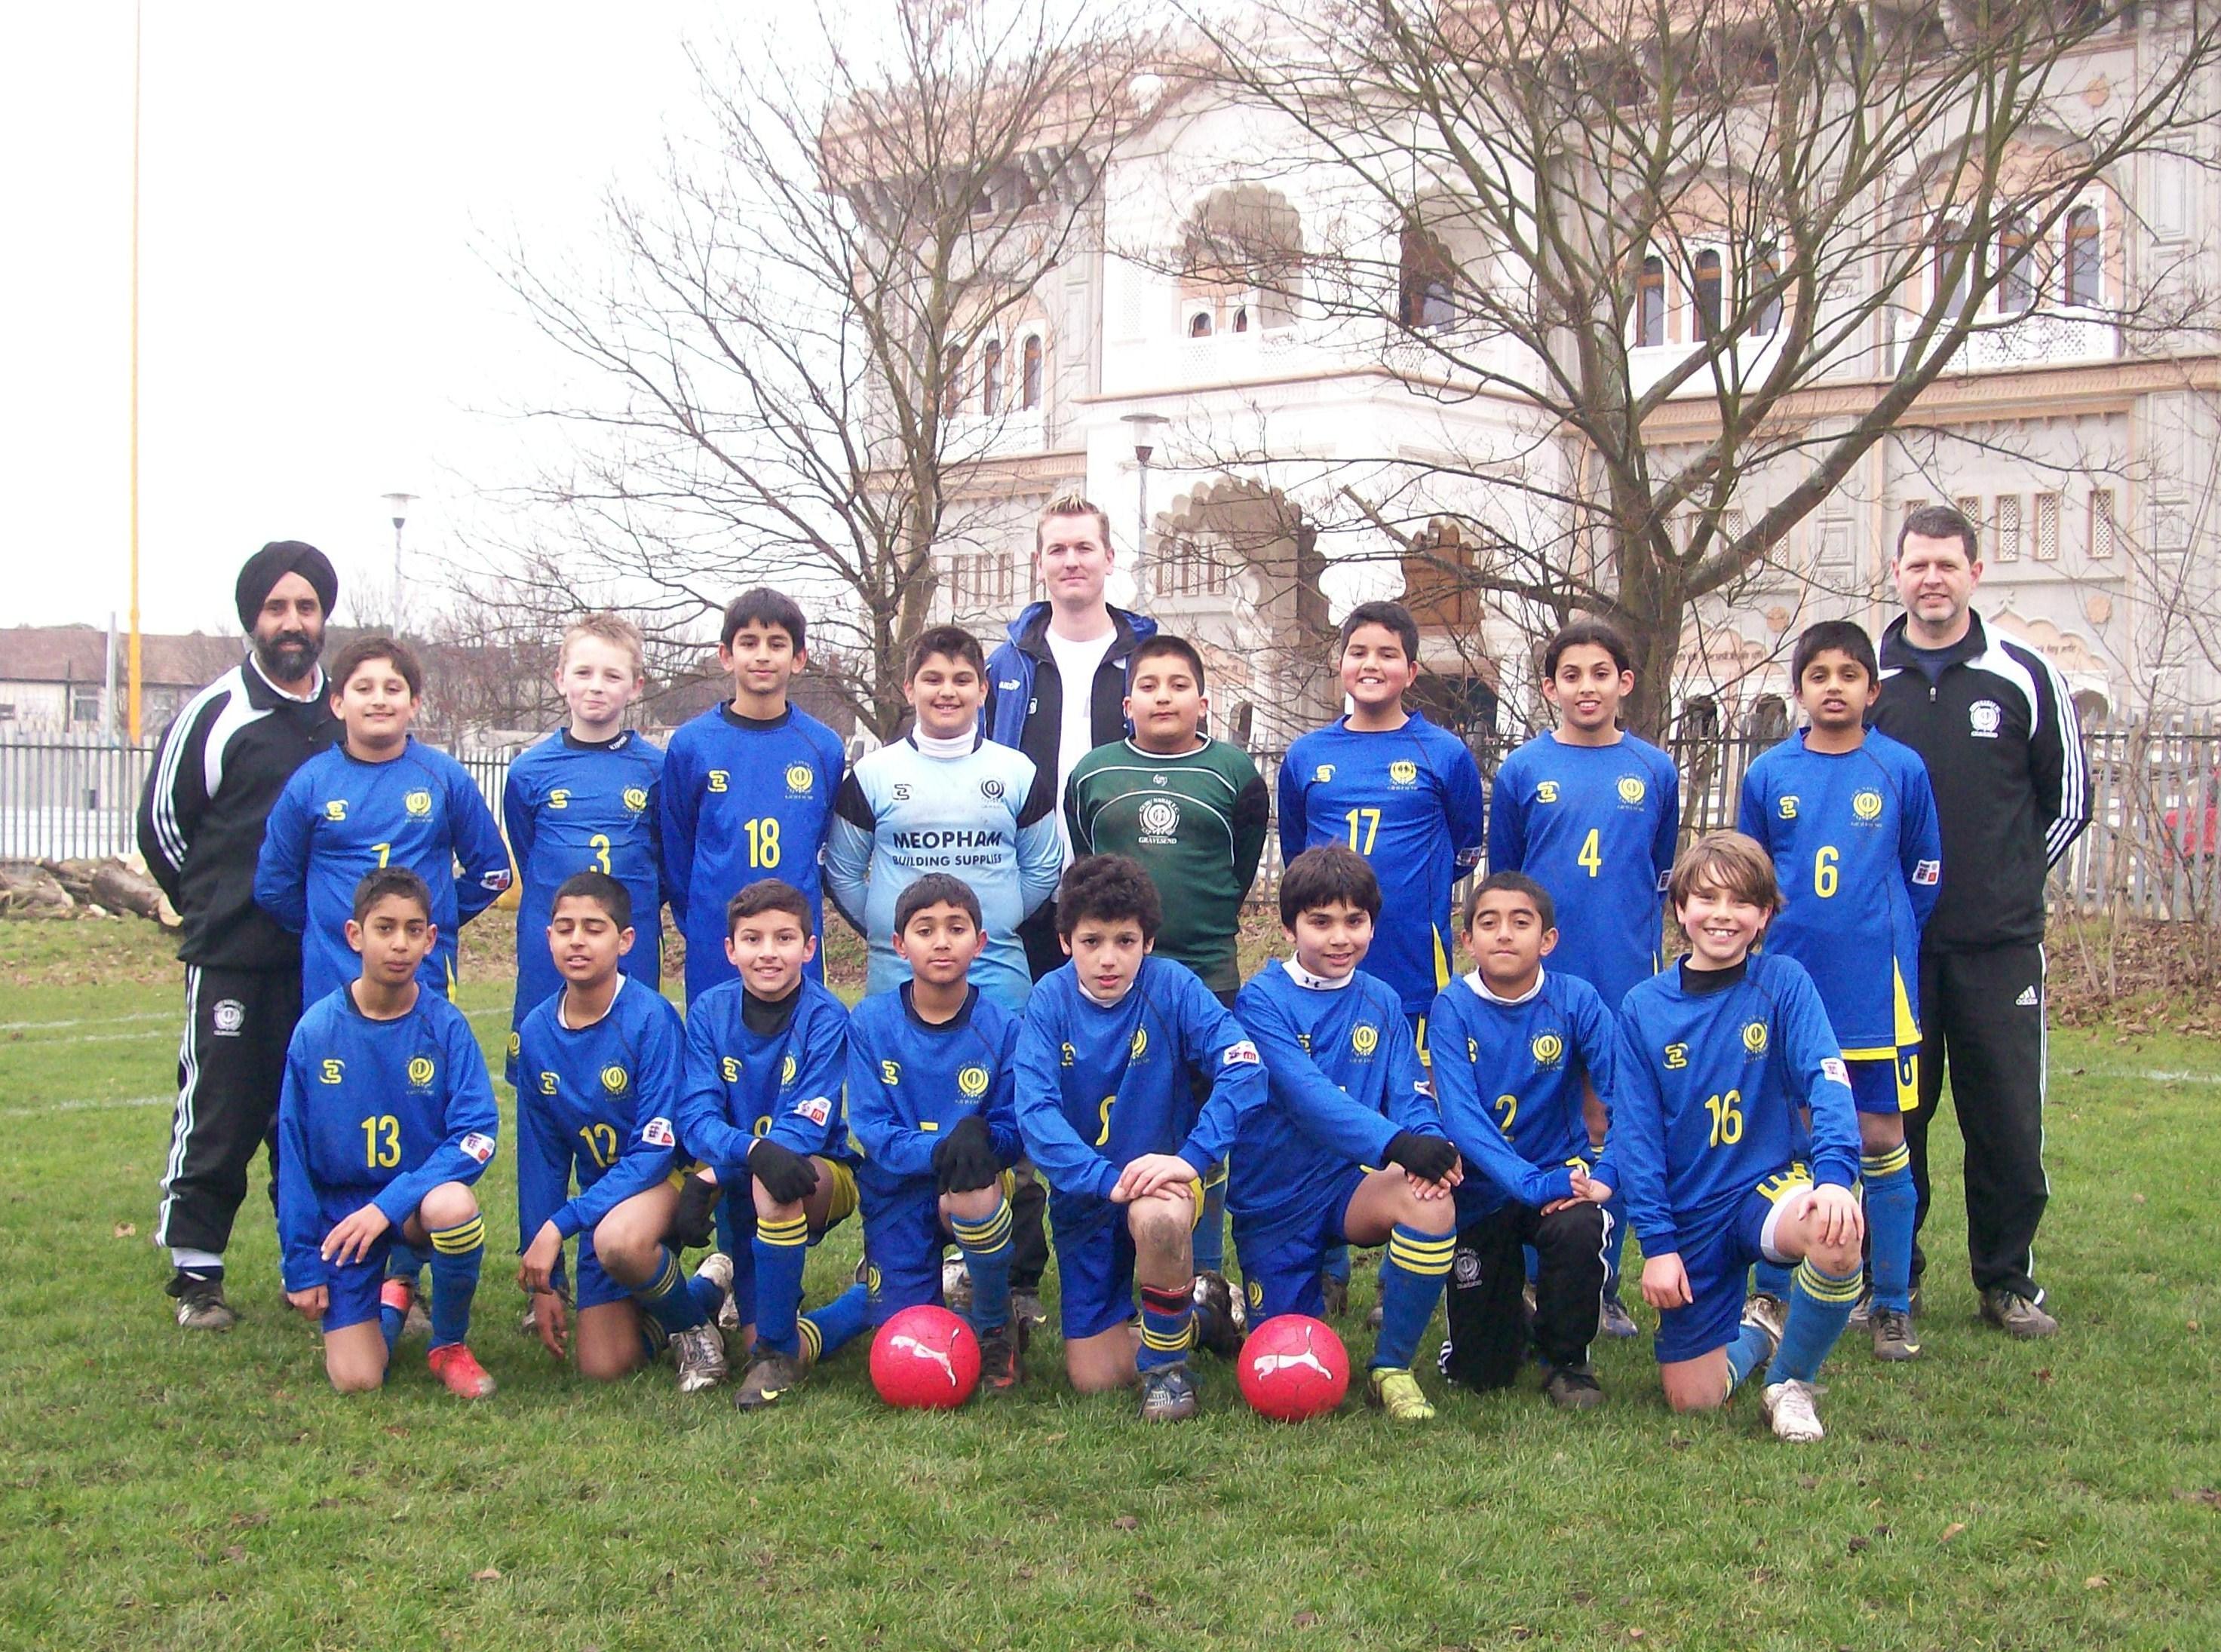 Under 11's Team Photo 2009-10